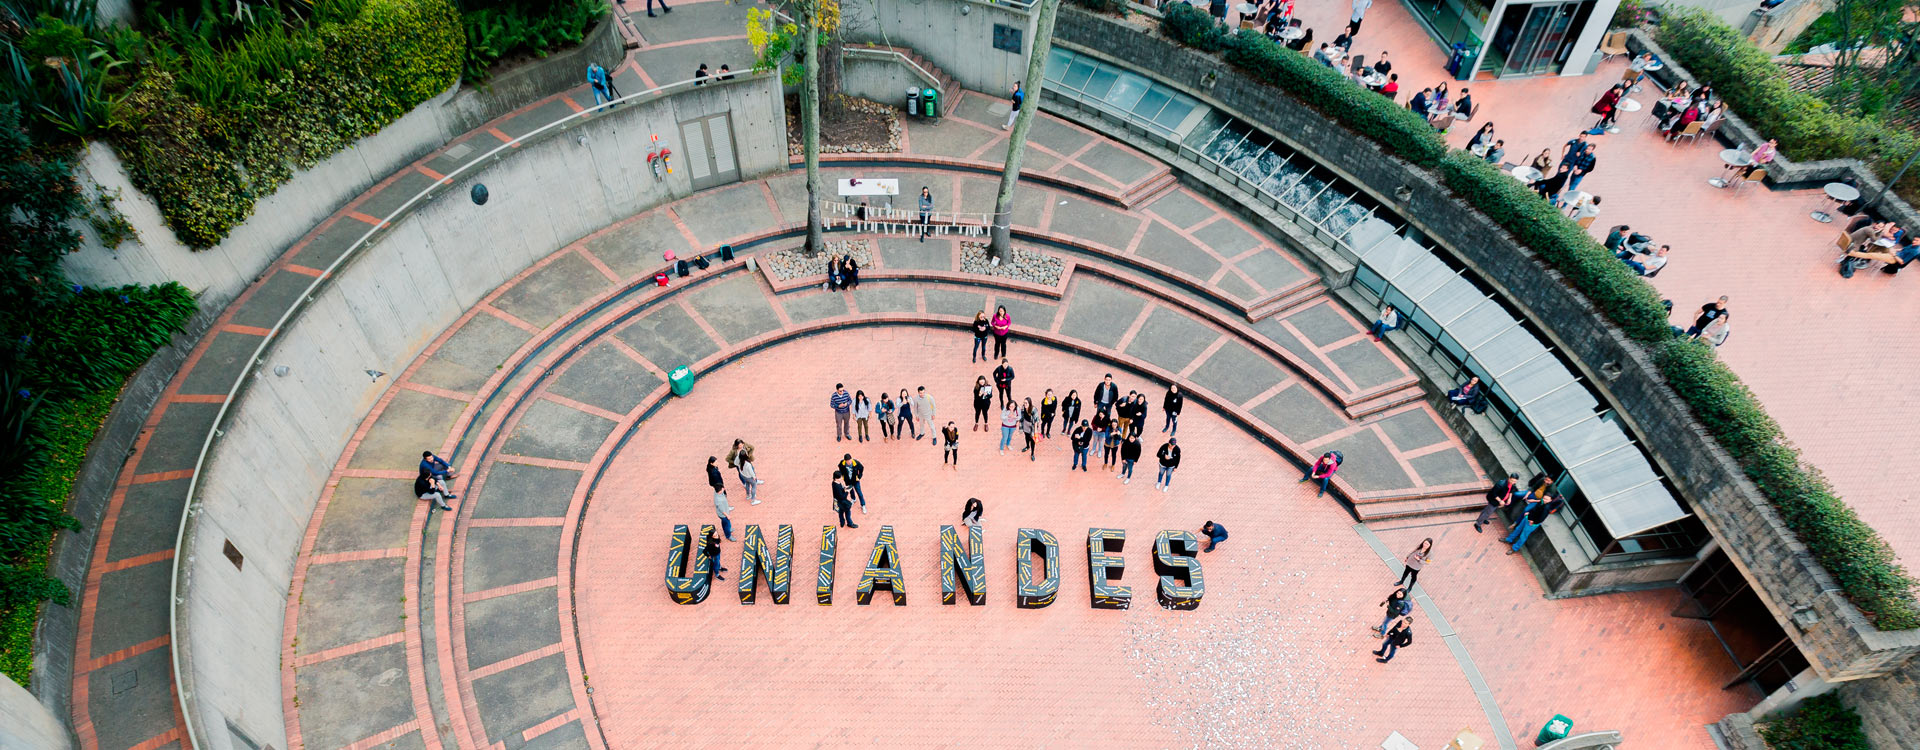 Plazoleta Lleras, de Los Andes en donde se realizó la construcción de valores